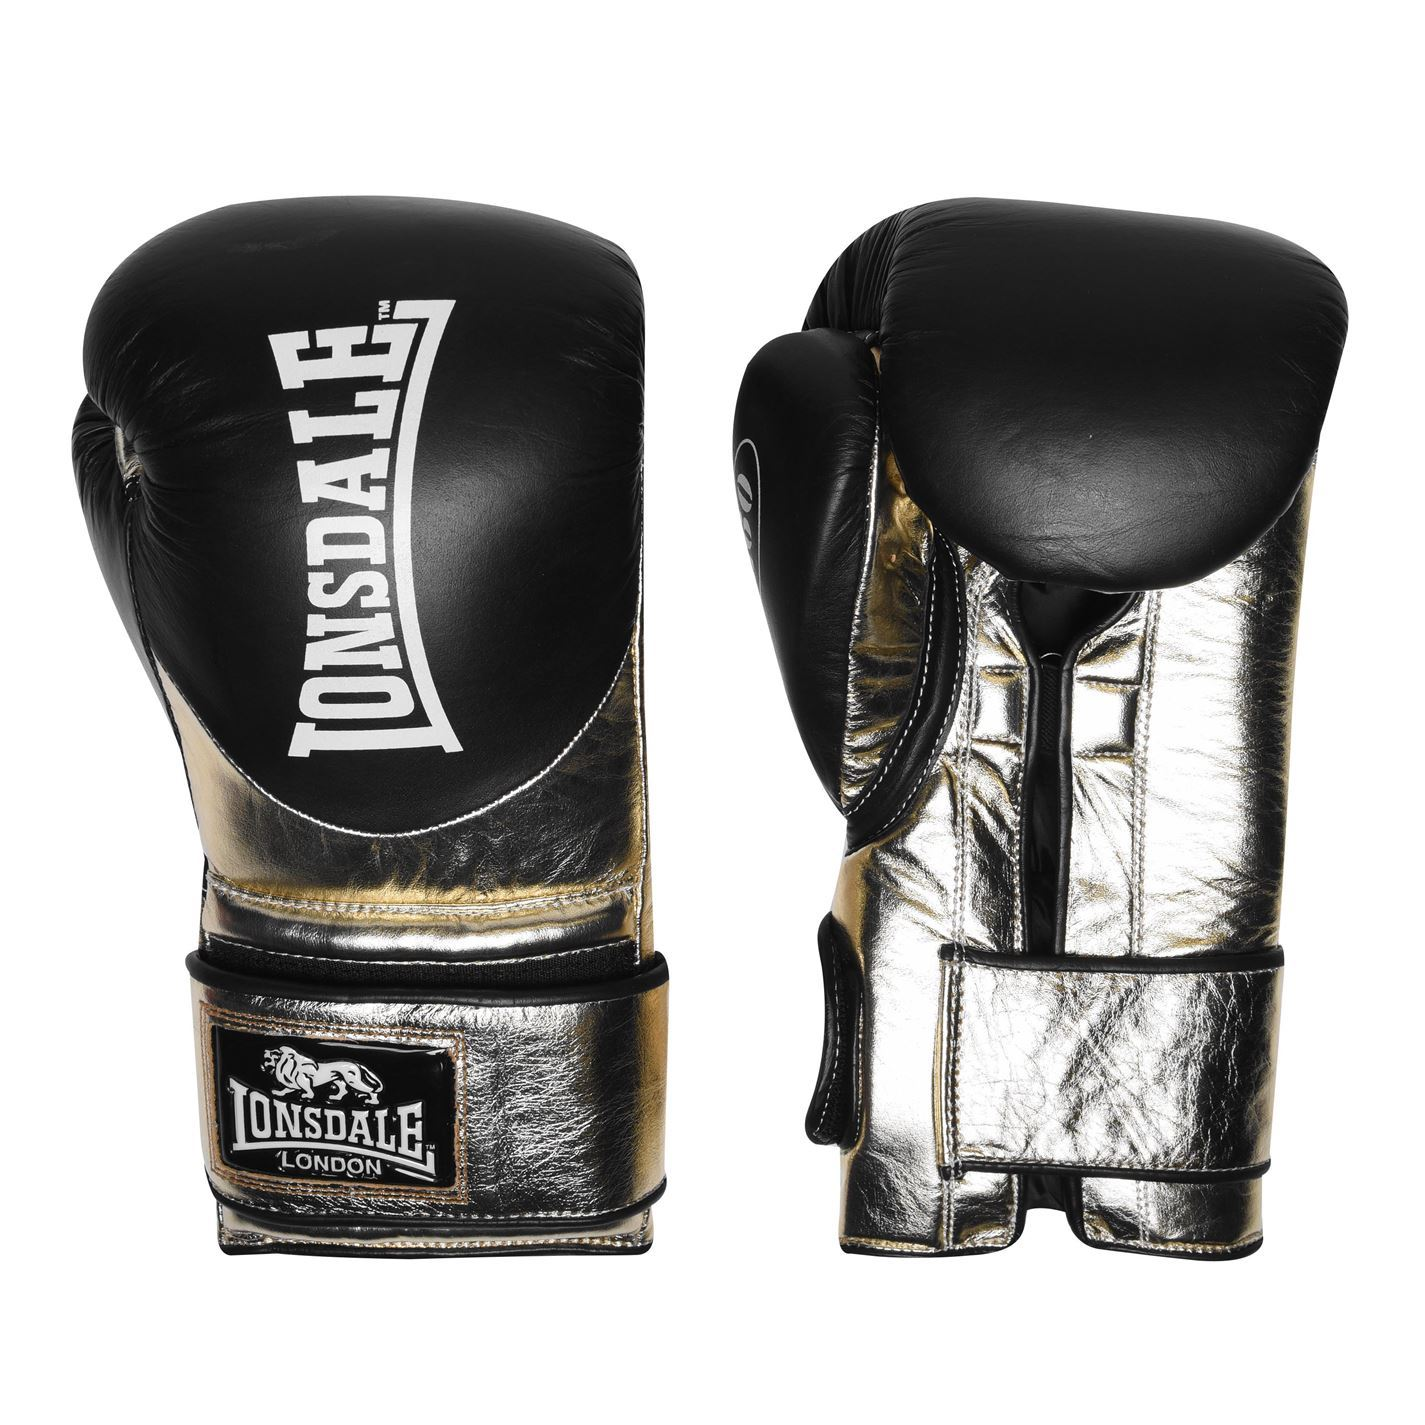 Lonsdale Gel Handwrap Unisex Lightweight Sport Activity